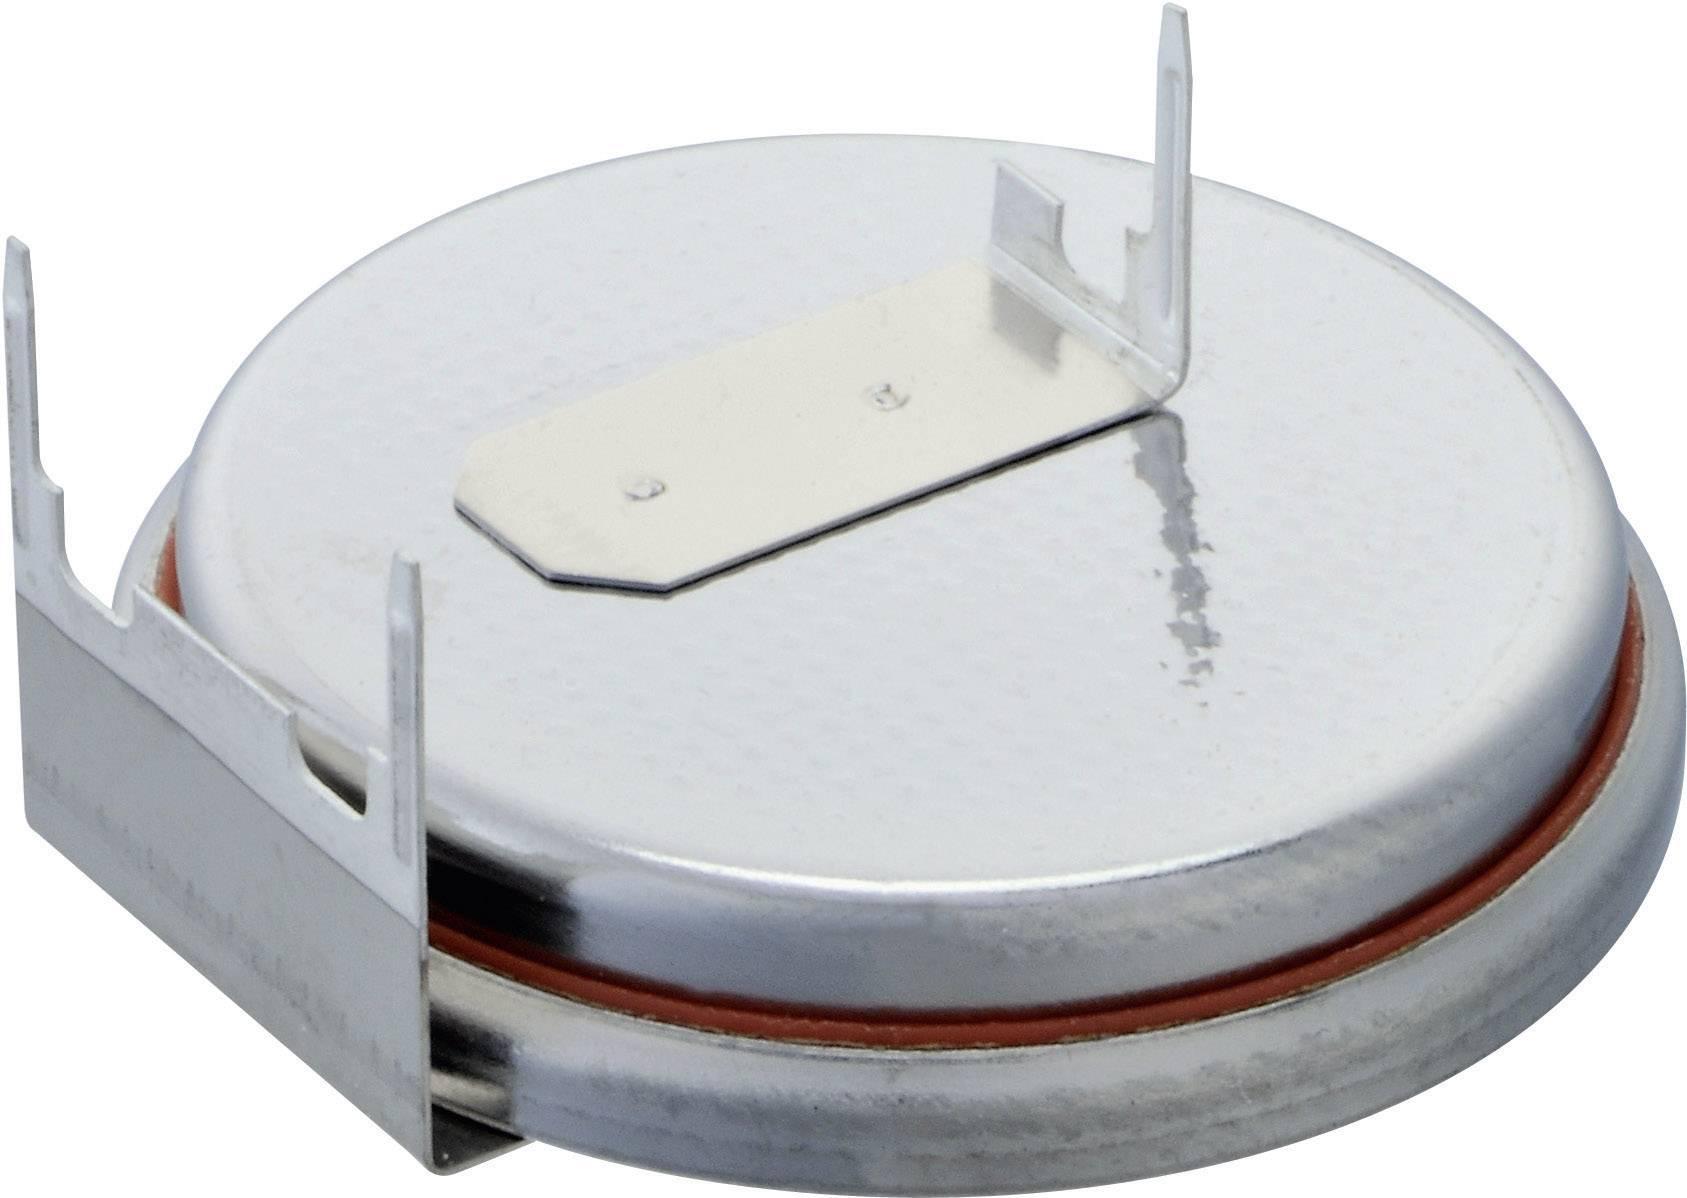 Gombíková batéria Renata CR2450N RH-LF, so spájkovacími kontaktami